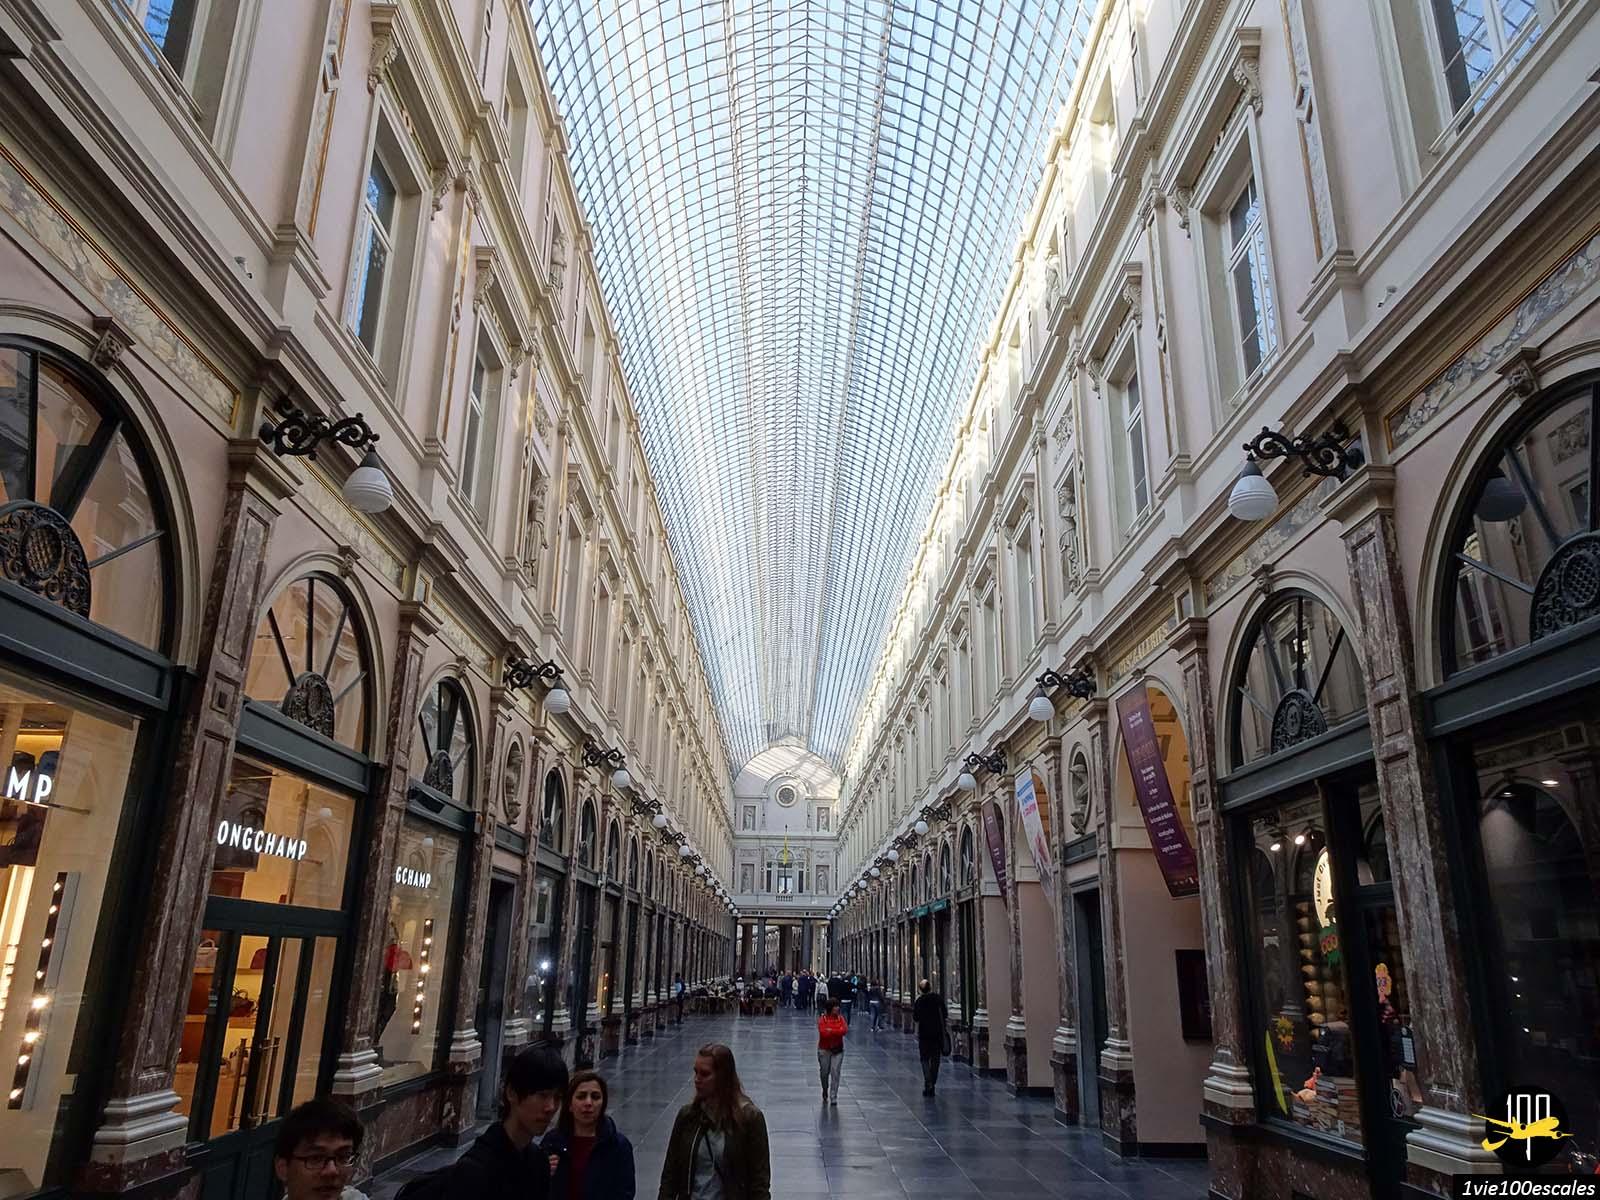 La belle architecture de la Galeries royales Saint-Hubert de Bruxelles